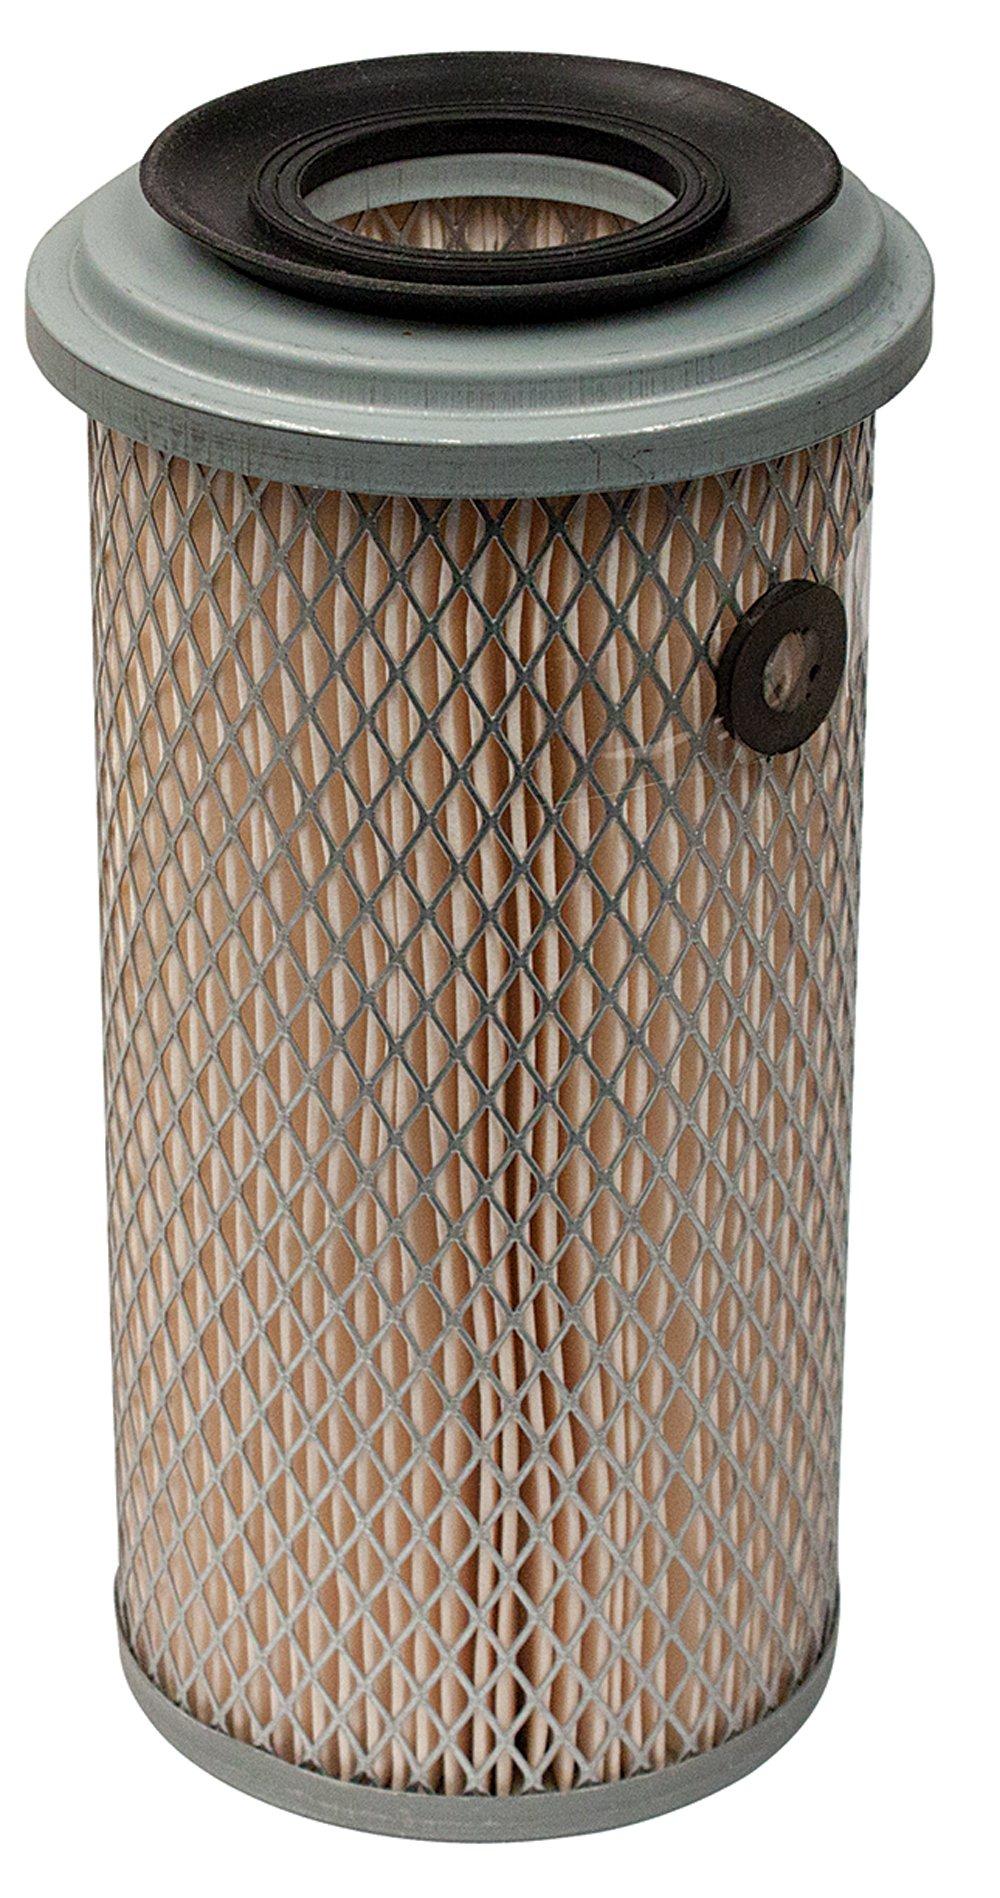 Stens 102-001 Honda 17210-759-013 Air Filter